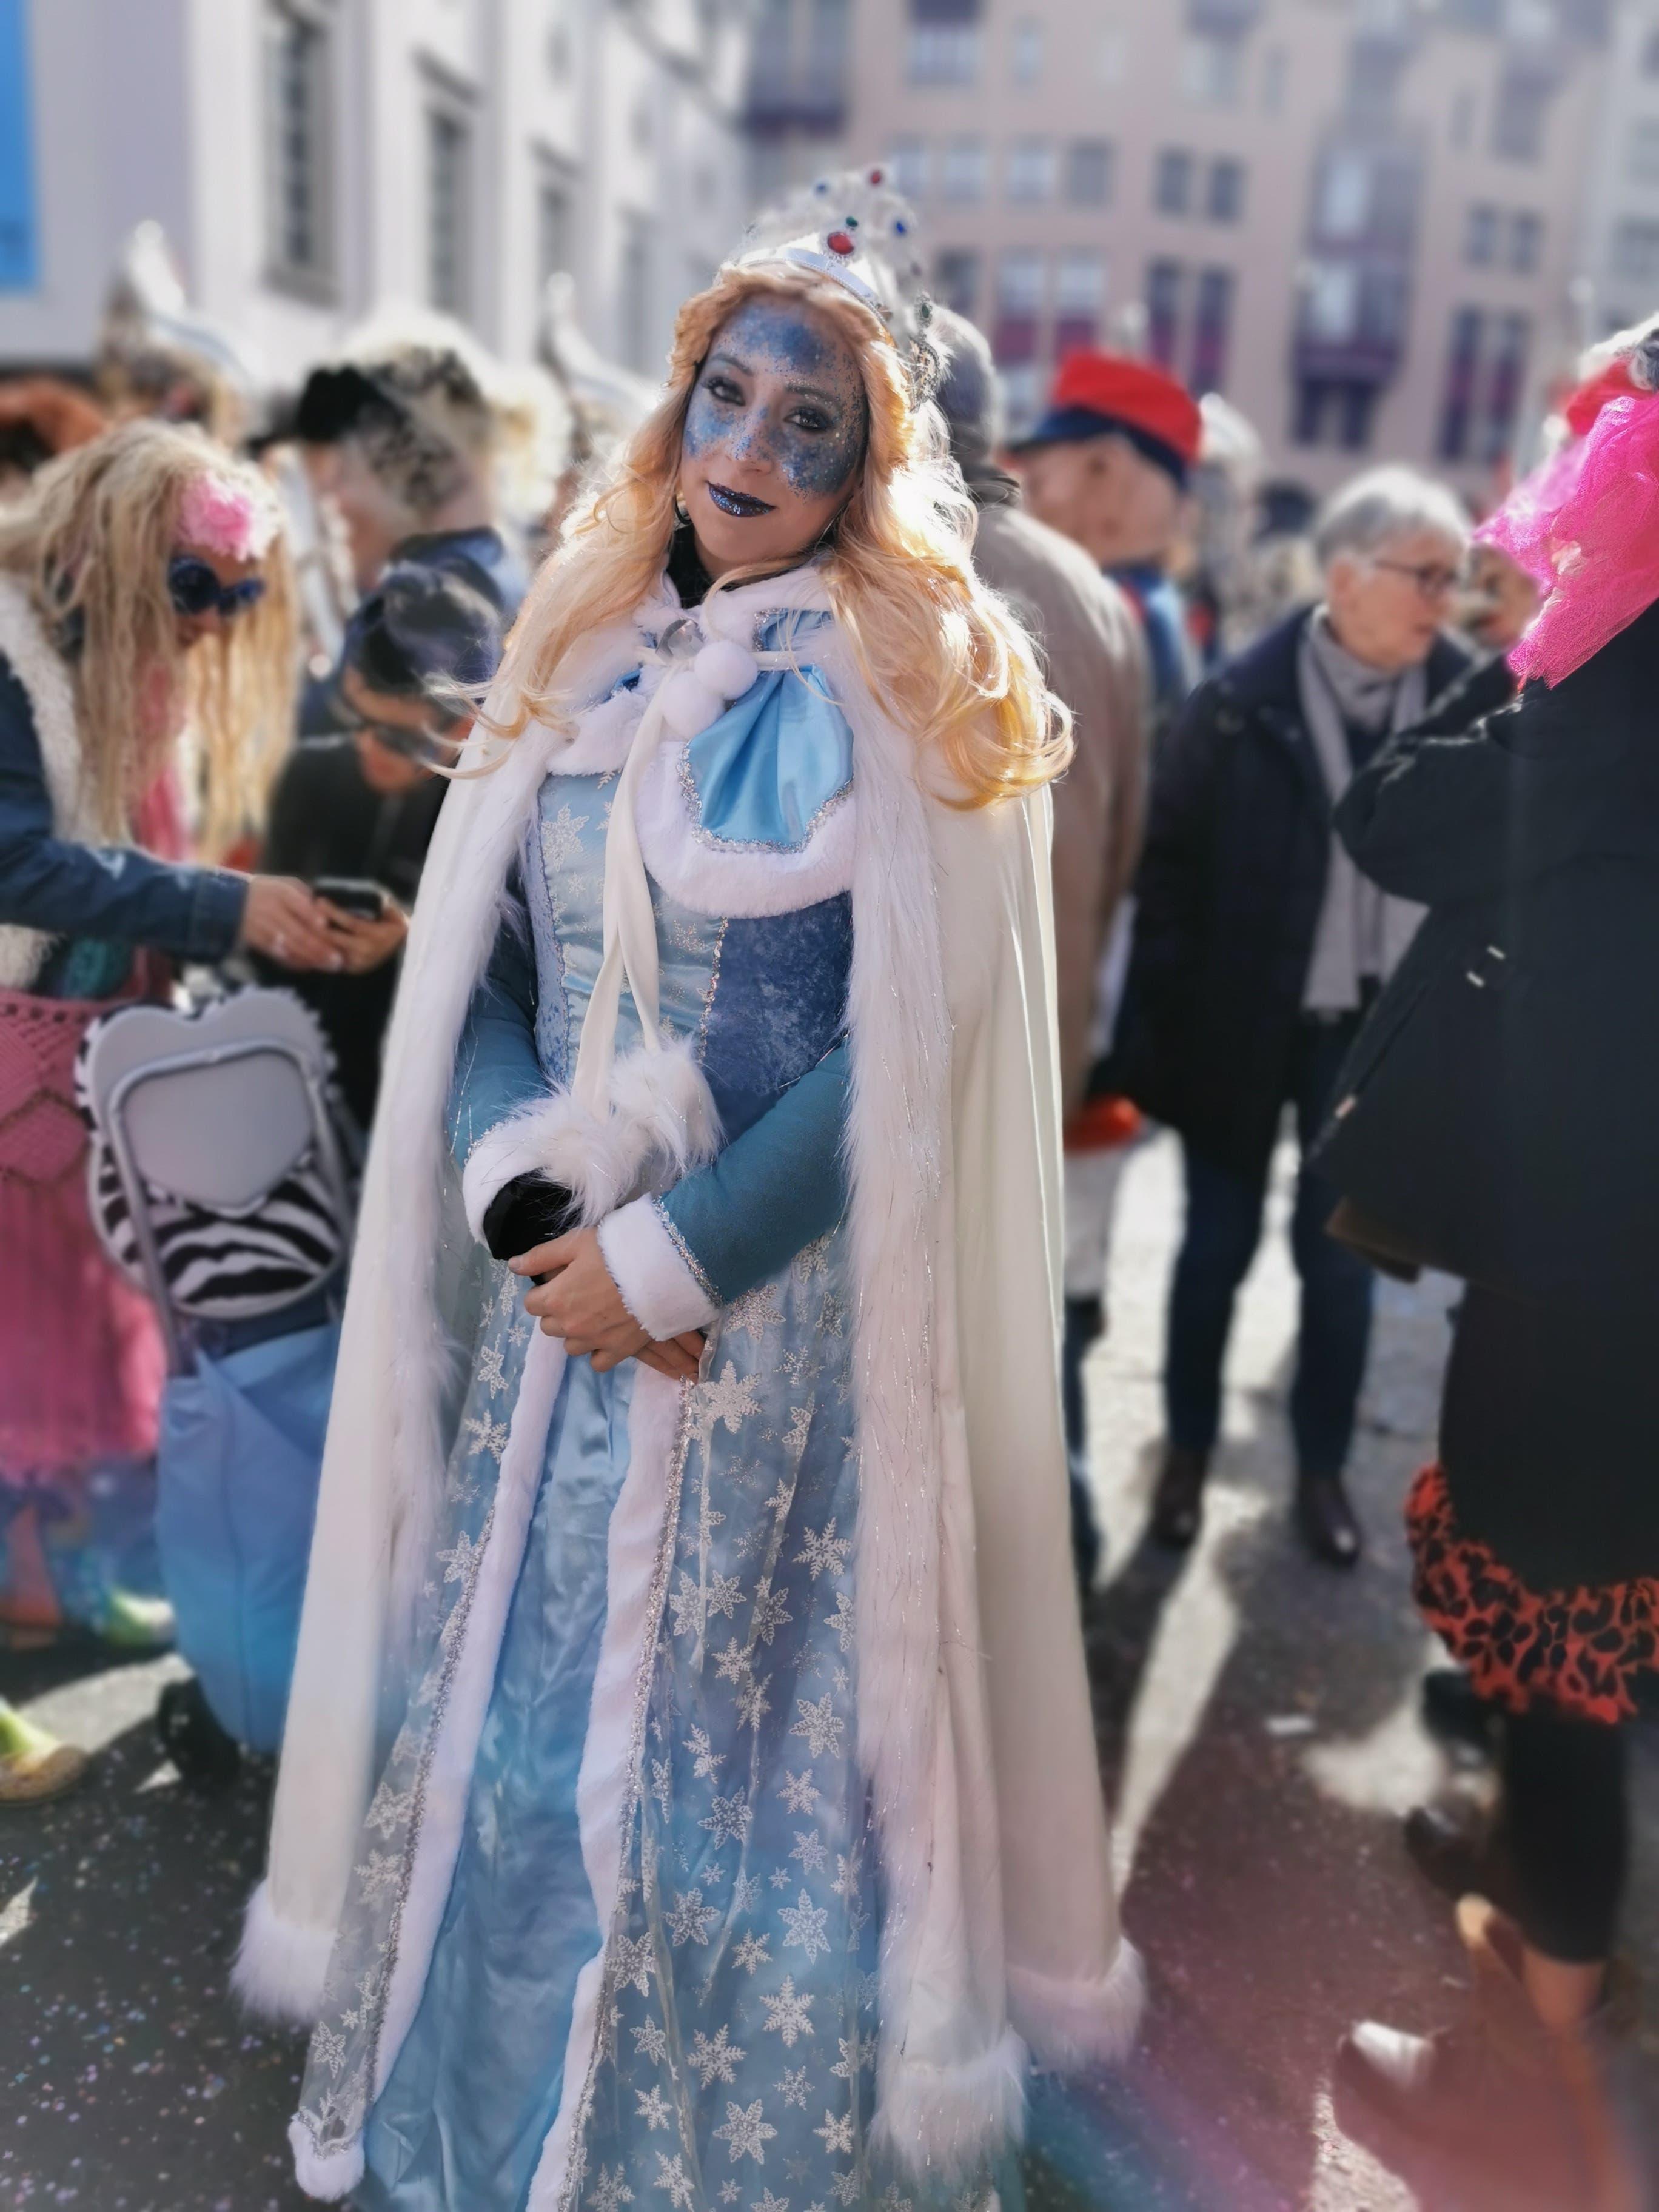 E rüüdigi, schöni Fasnacht als Elsa vo Frozen.